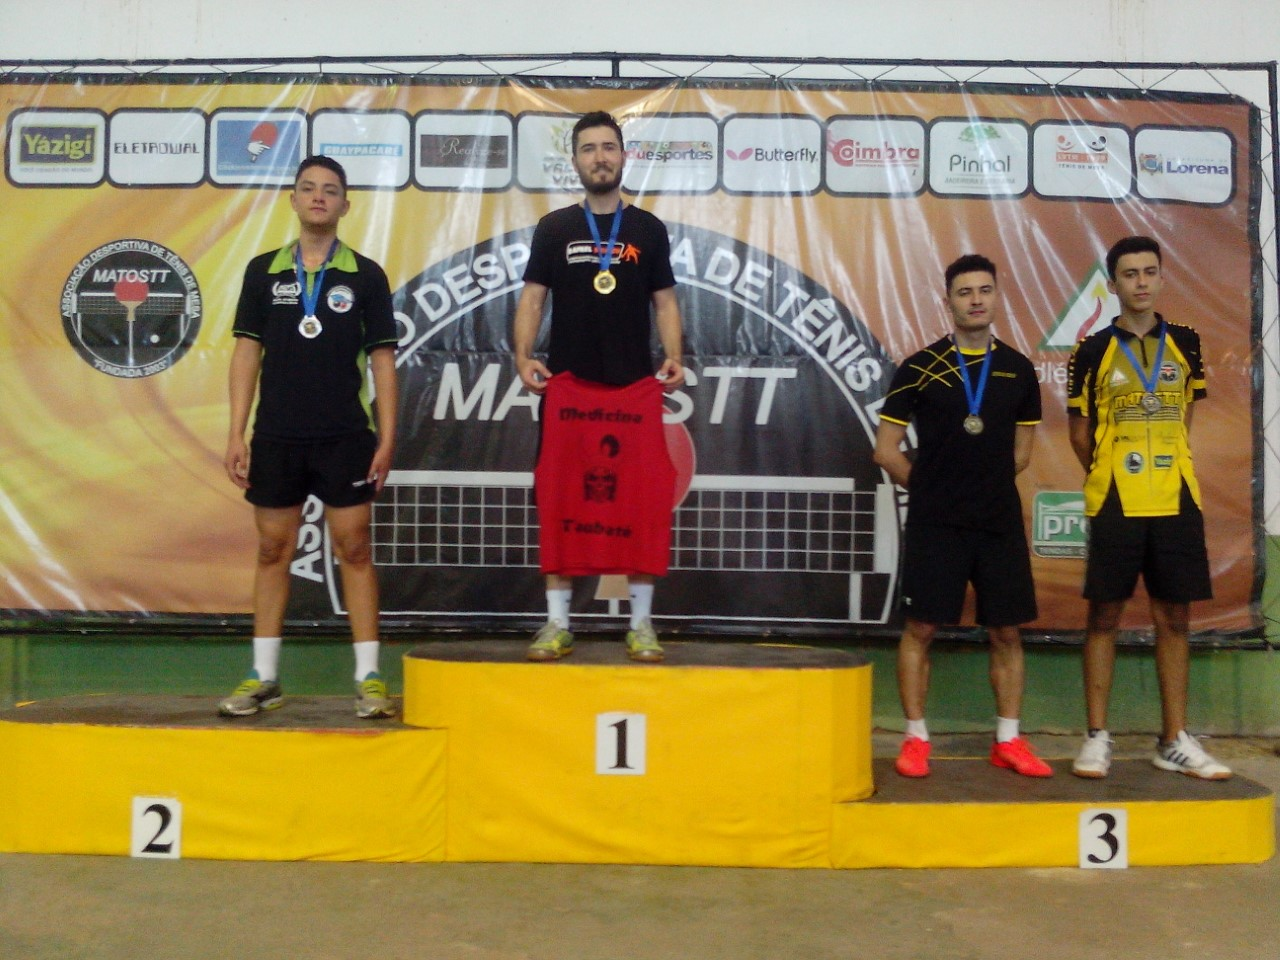 Esporte b.e.jpg2.jpg3.jpg4.jpg5